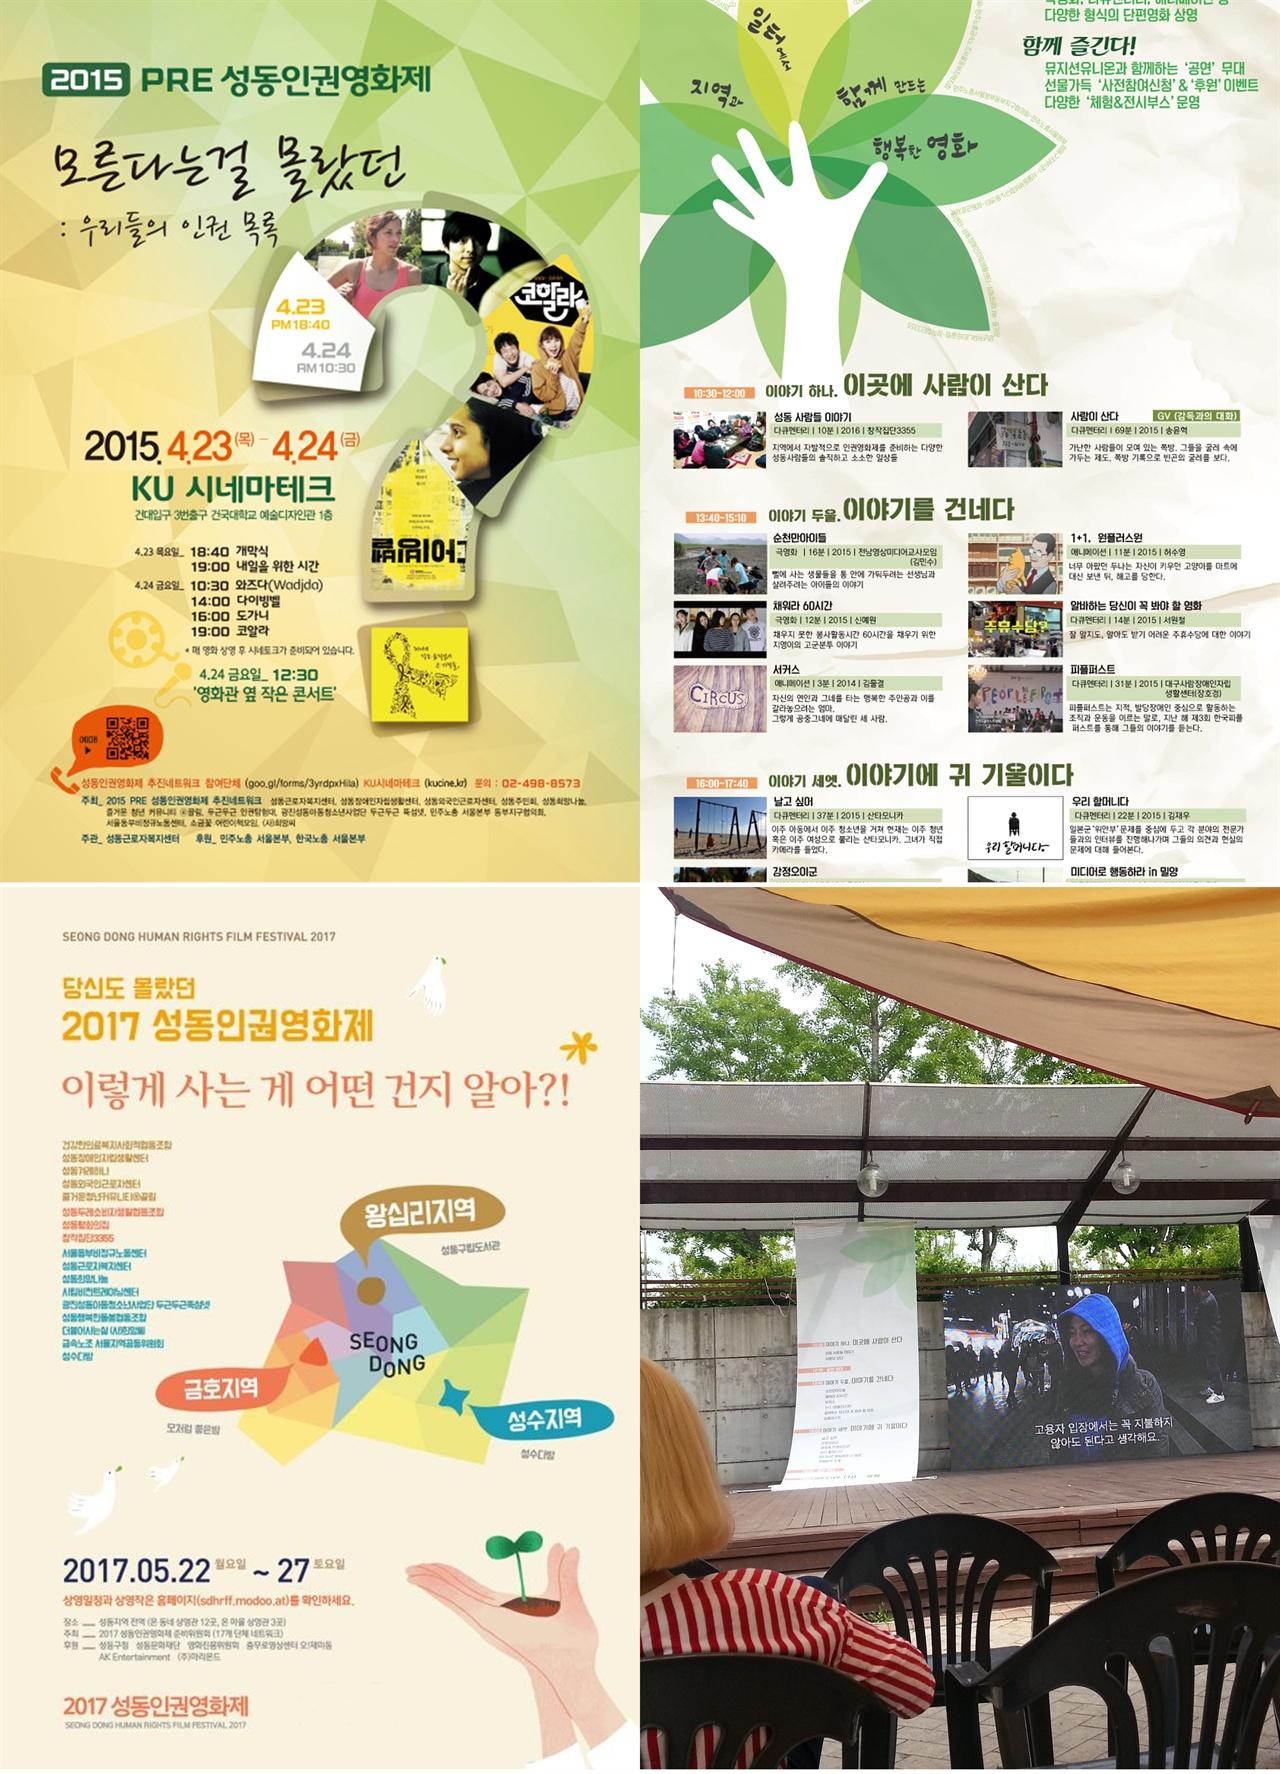 성동인권영화제는 지난 2015년부터 꾸준하게 인권을 환기하고 공감하는 영화제를 진행해왔다. 좌측위로부터 순서대로 2015, 2016, 2017 포스터 및 2016년 6월 서울숲에서의 영화제.